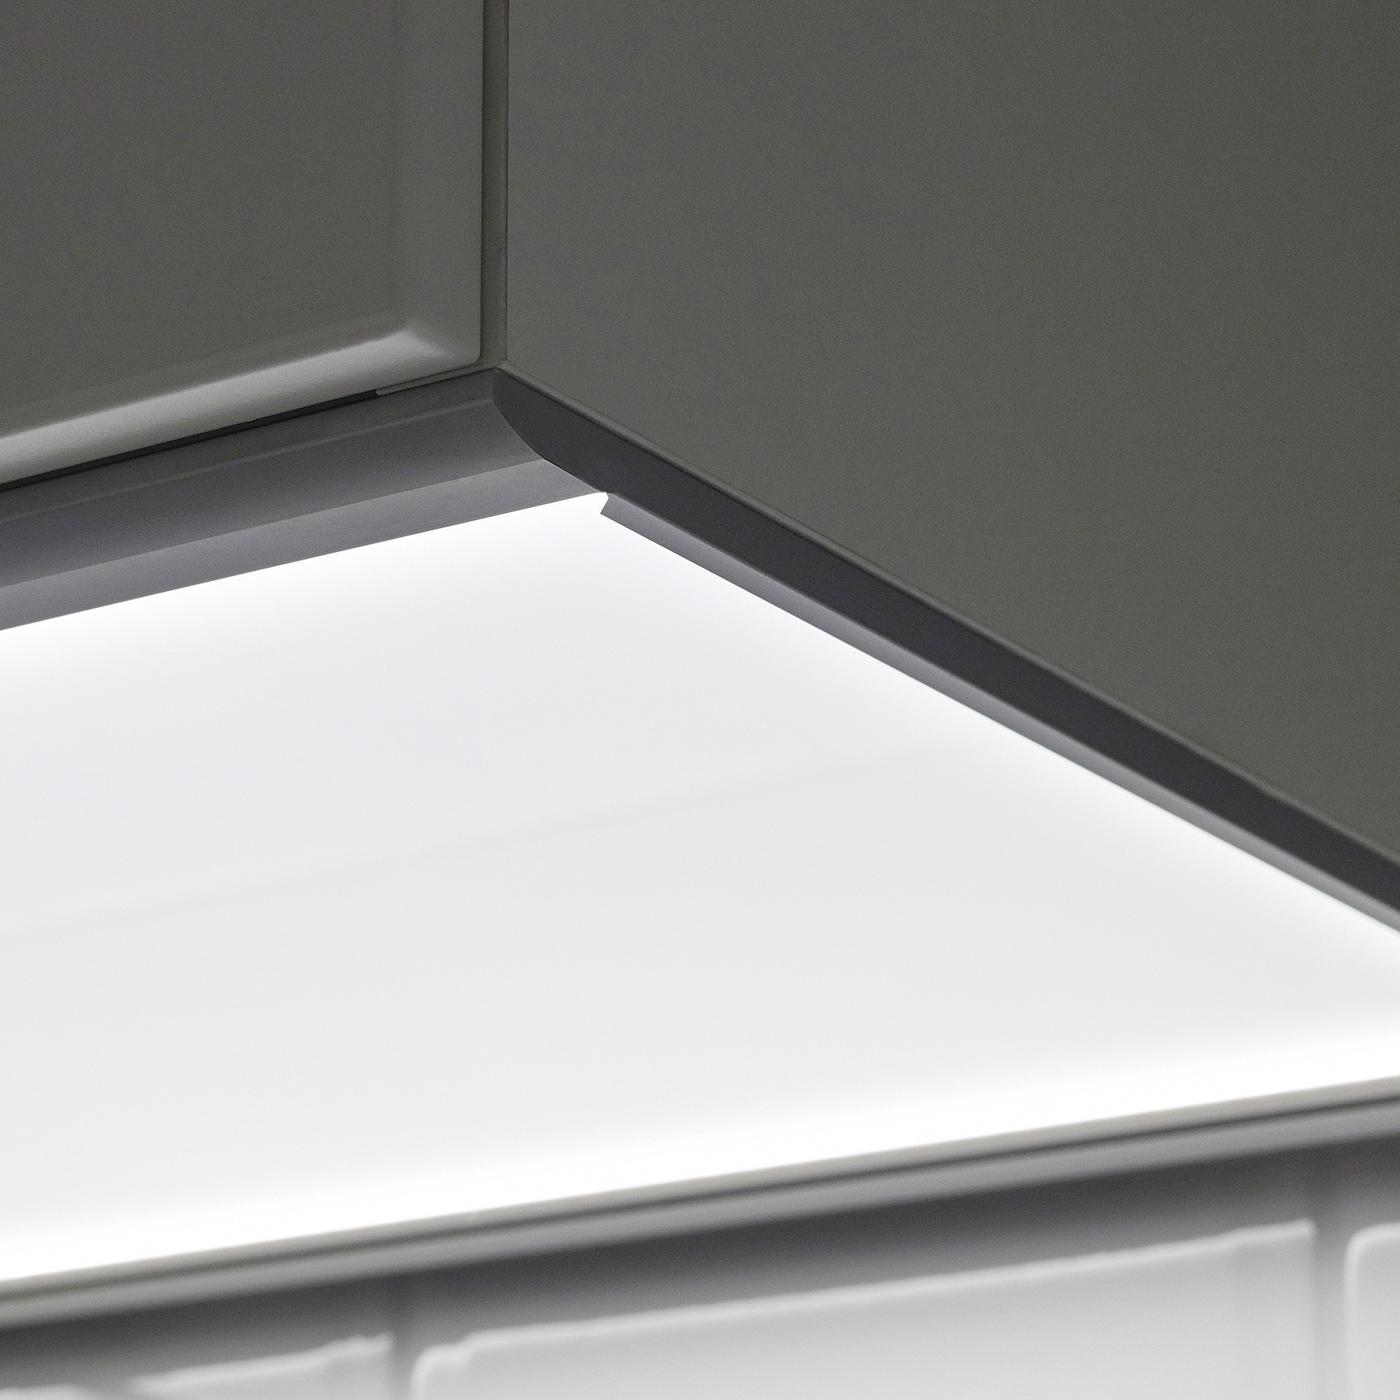 IRSTA Arbeitsbeleuchtung, led - opalweiß 20 cm